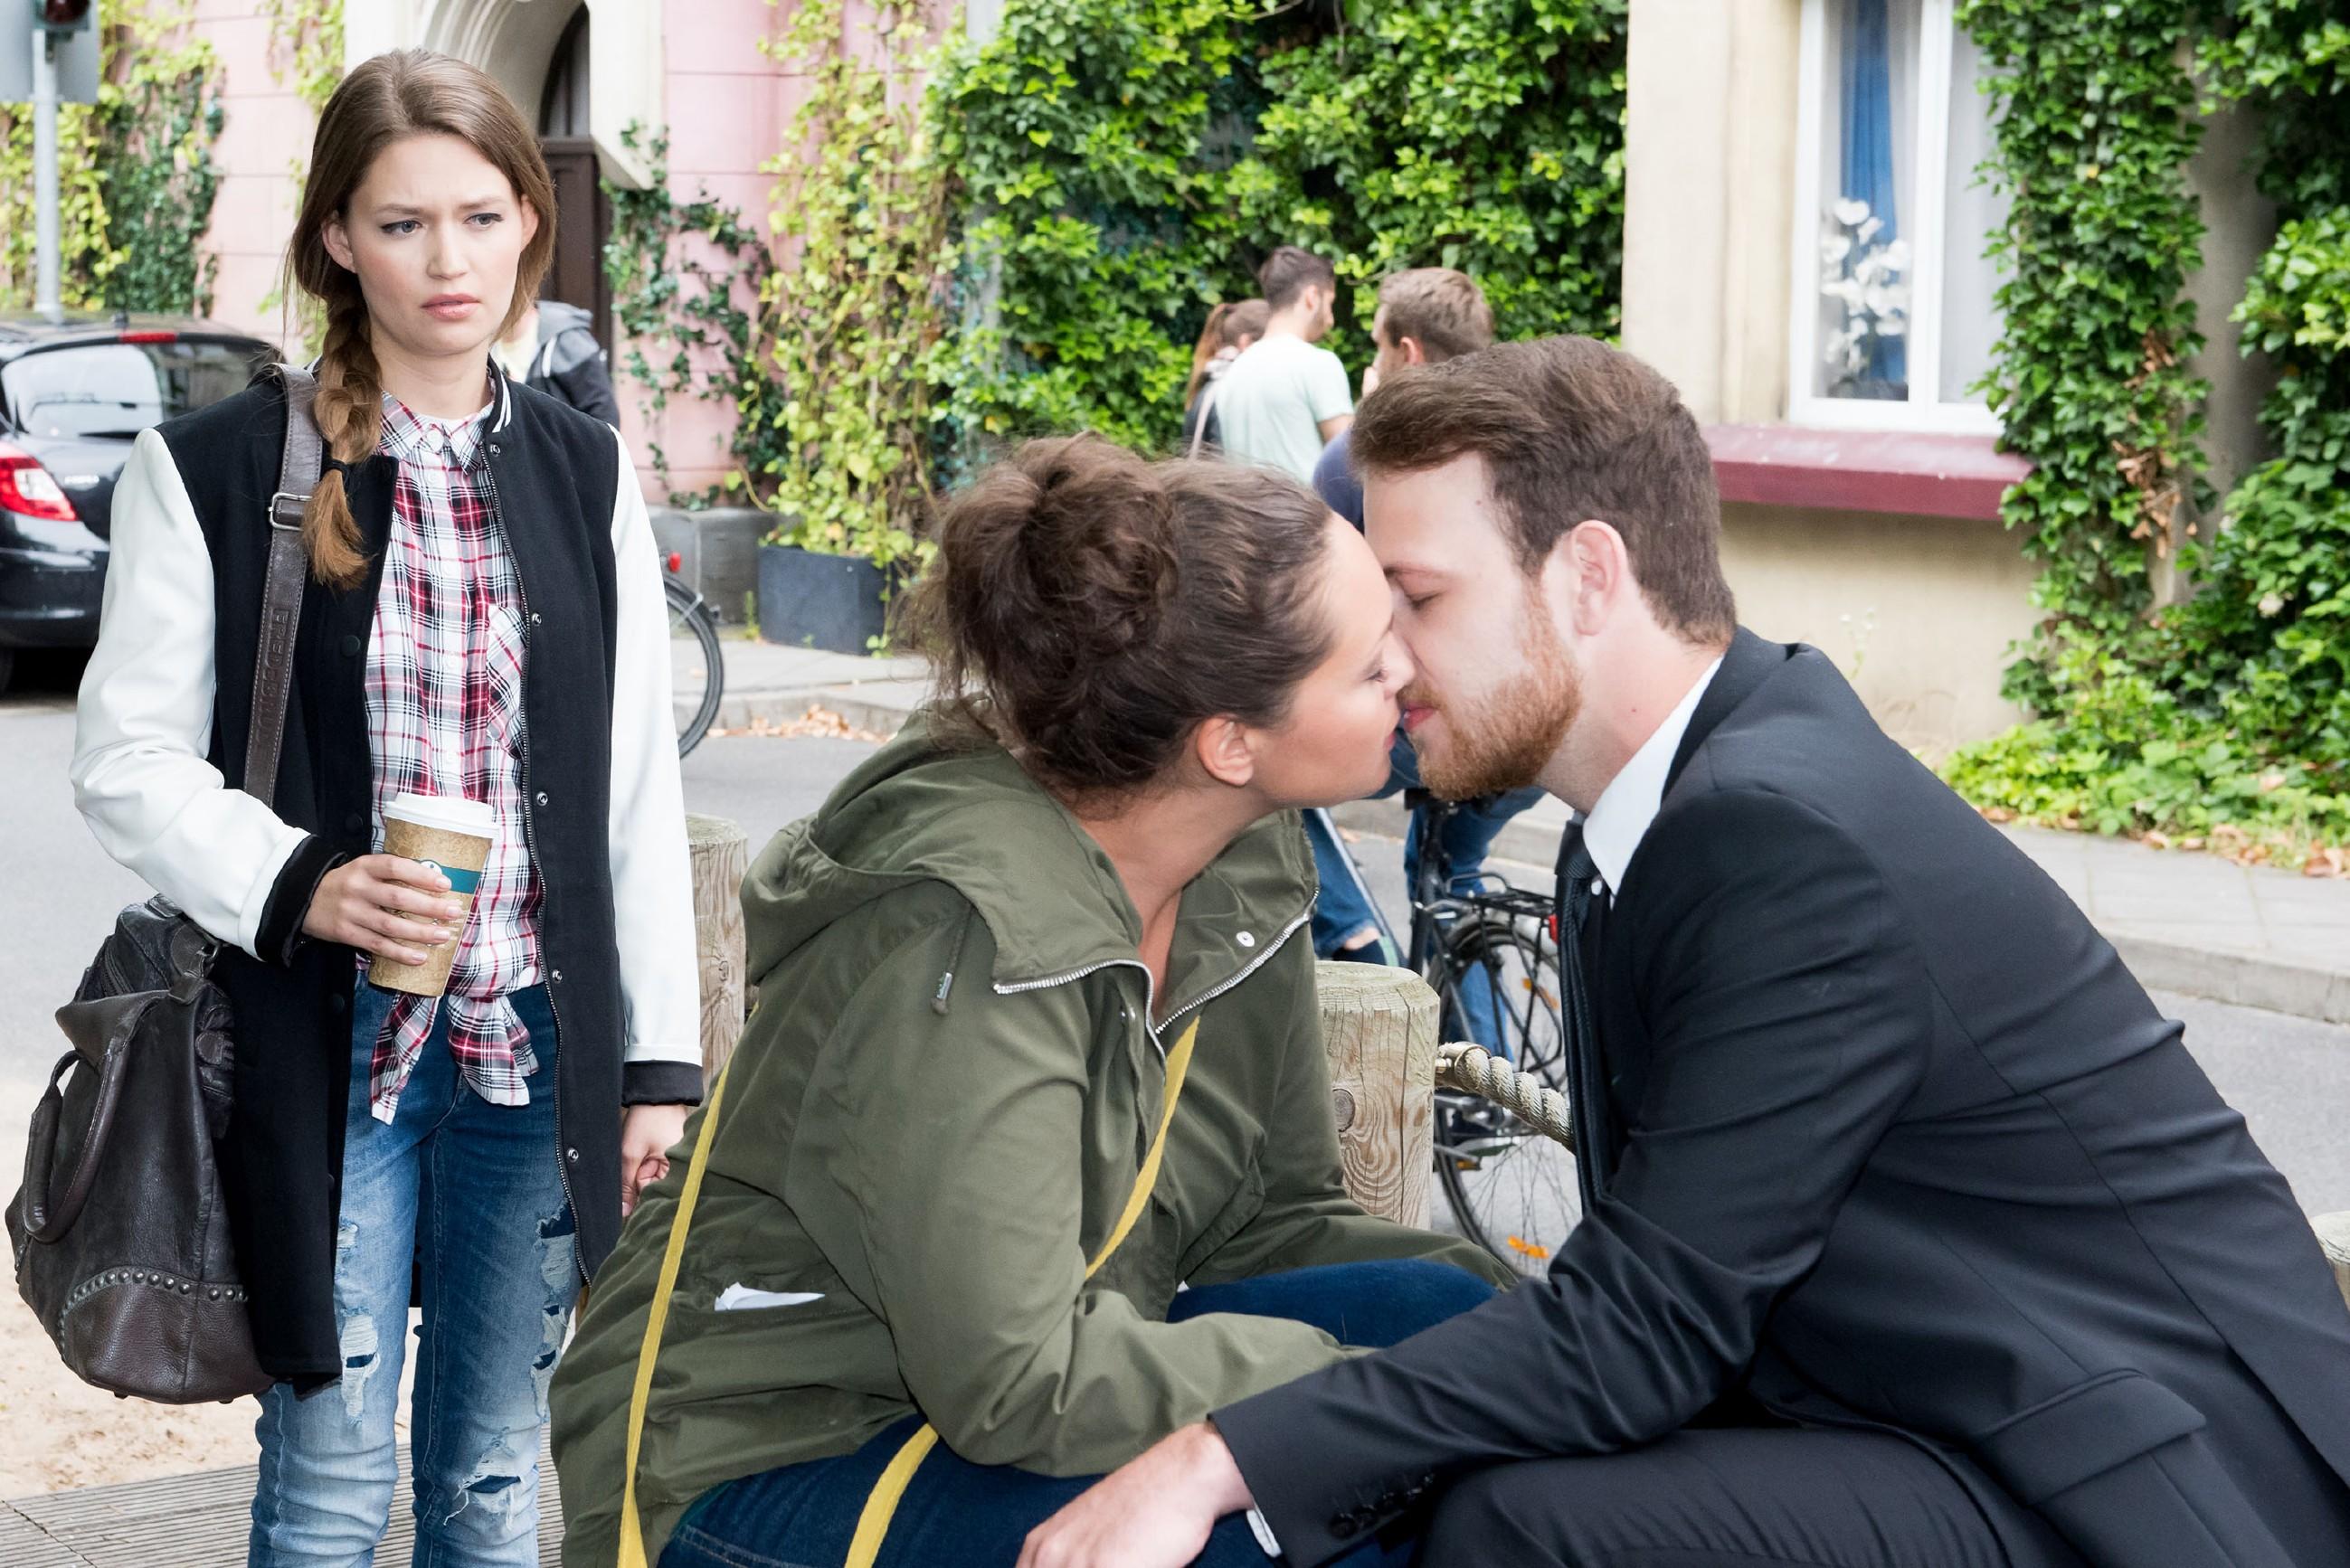 Jule (Amrei Haardt, l.) erkennt fassungslos, dass ihre Mutter Caro (Ines Kurenbach) und Tobias (Patrick Müller) offenbar ein Paar sind...